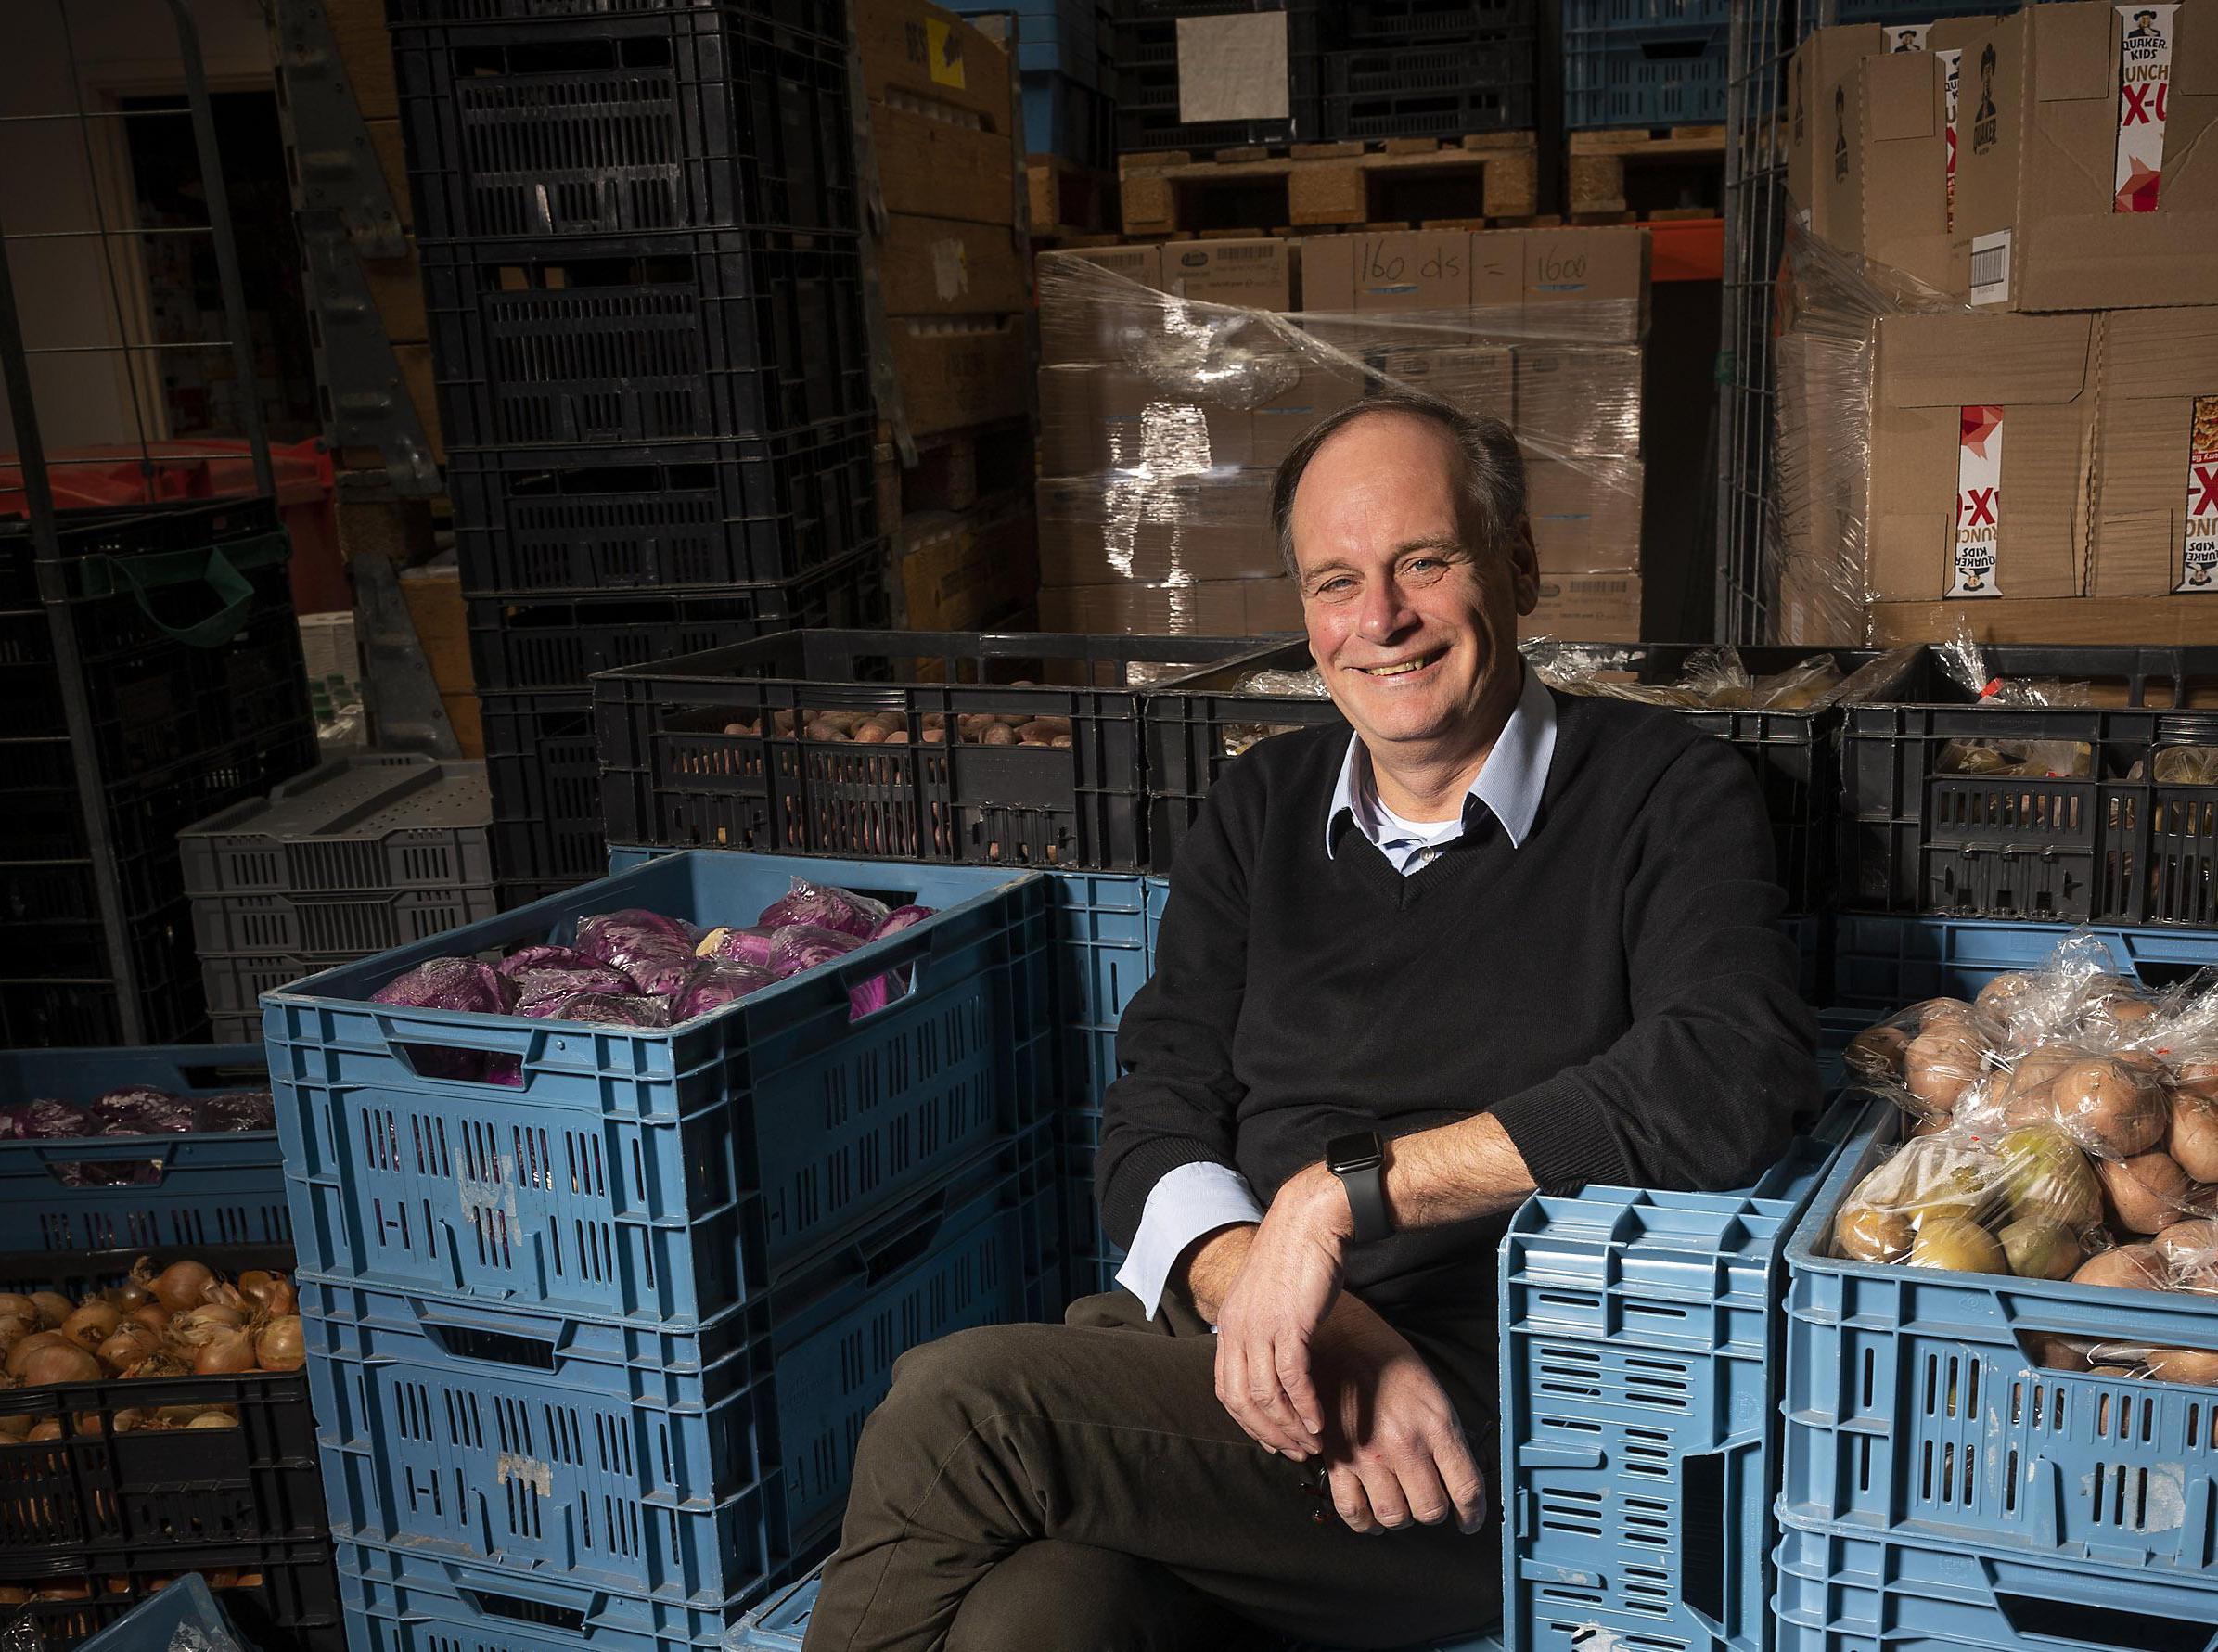 Voedselbank Zaanstreek balanceert op het randje; bodem komt weer in zicht; 'Zonder alle steun hadden we het niet gered'